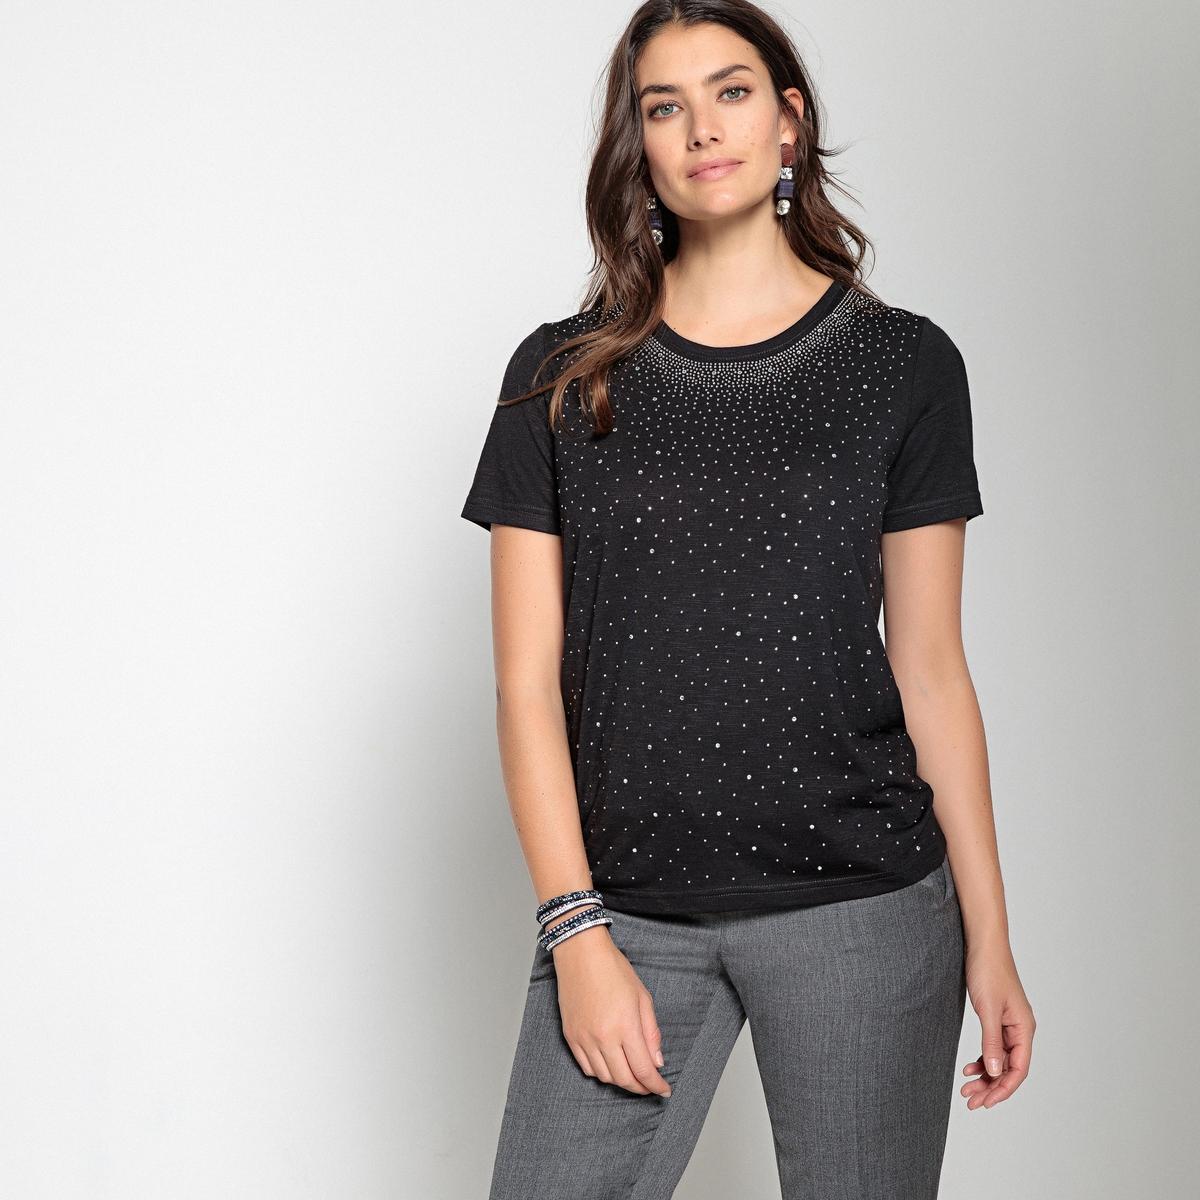 Imagen secundaria de producto de Camiseta con cuello redondo y fantasía de estrás - Anne weyburn